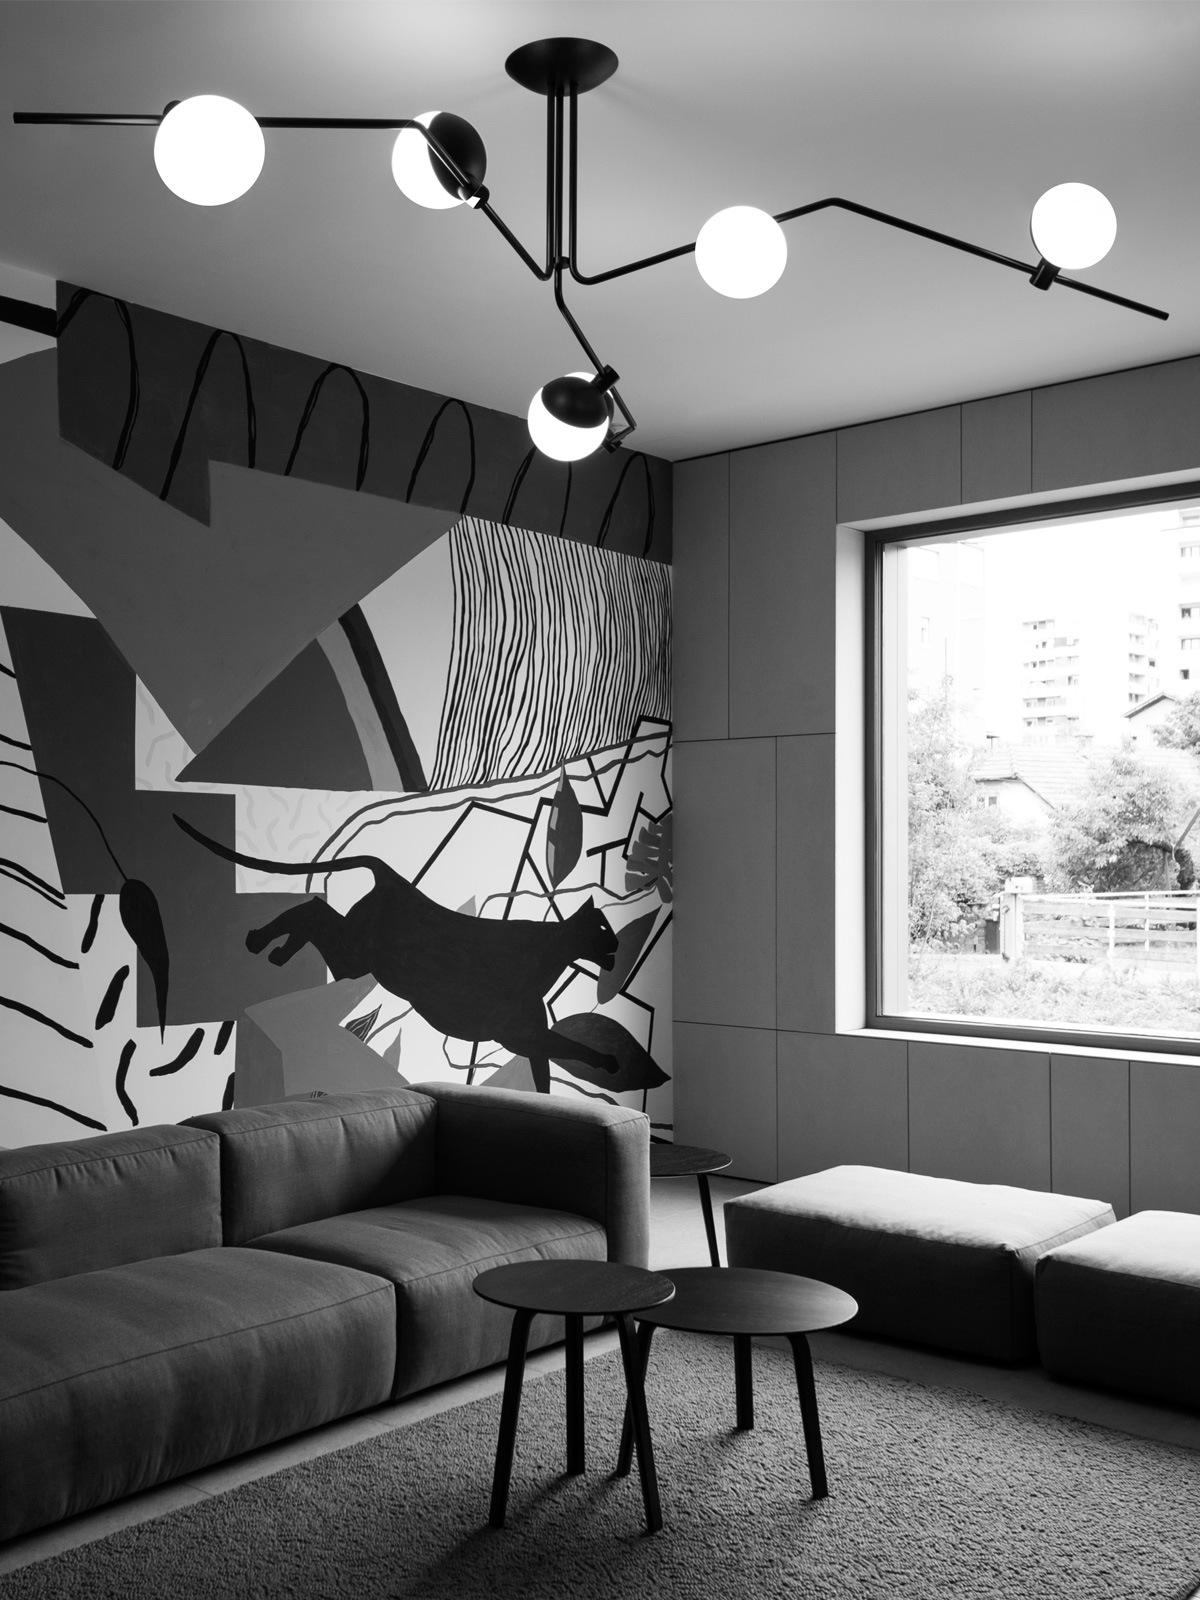 Grupa Baluna C Spider Pendelleuchte Designort Lampen Berlin Onlineshop